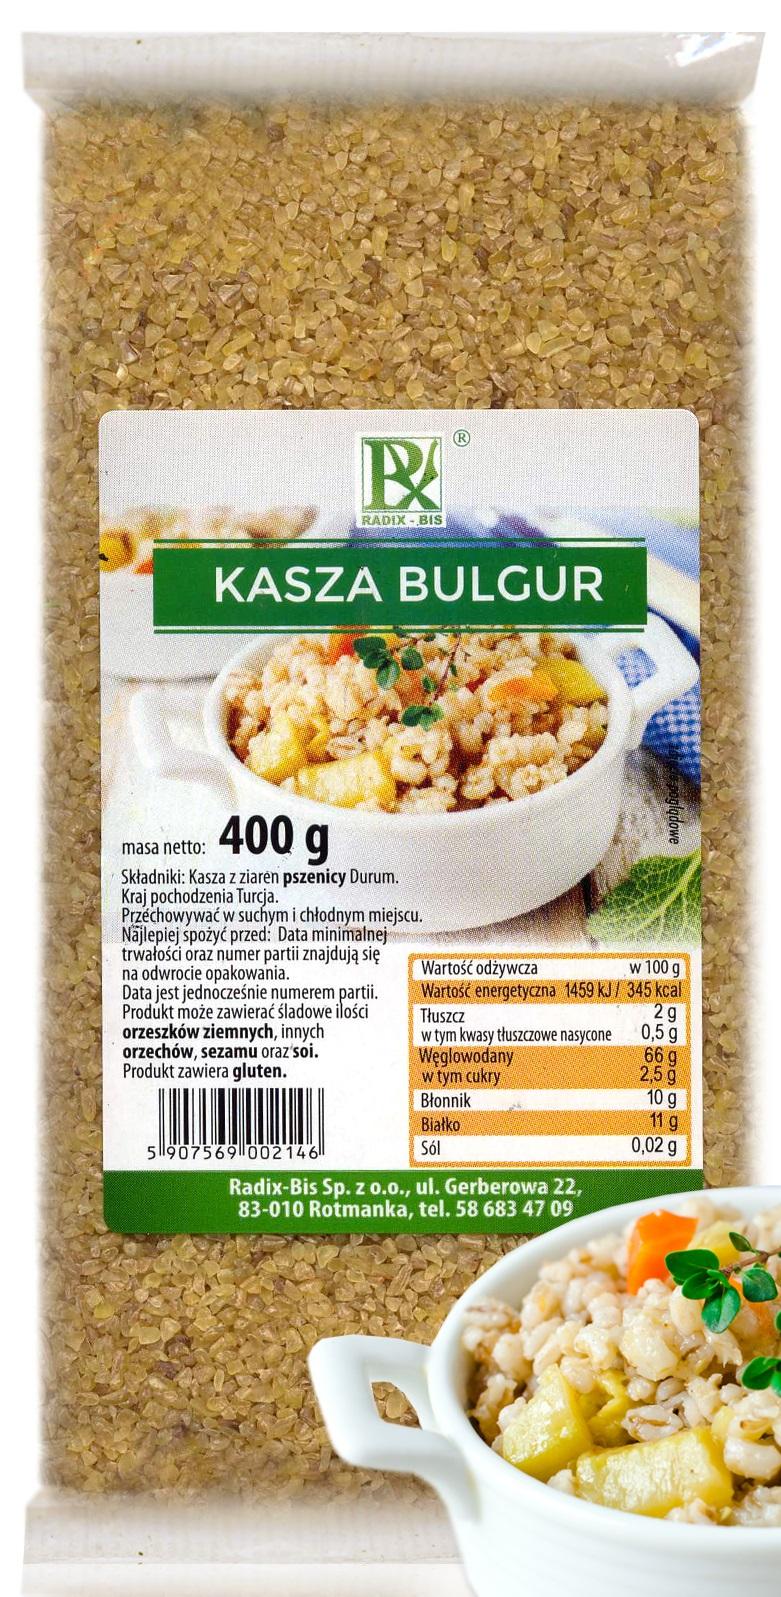 Radix-Bis buckwheat bulgur